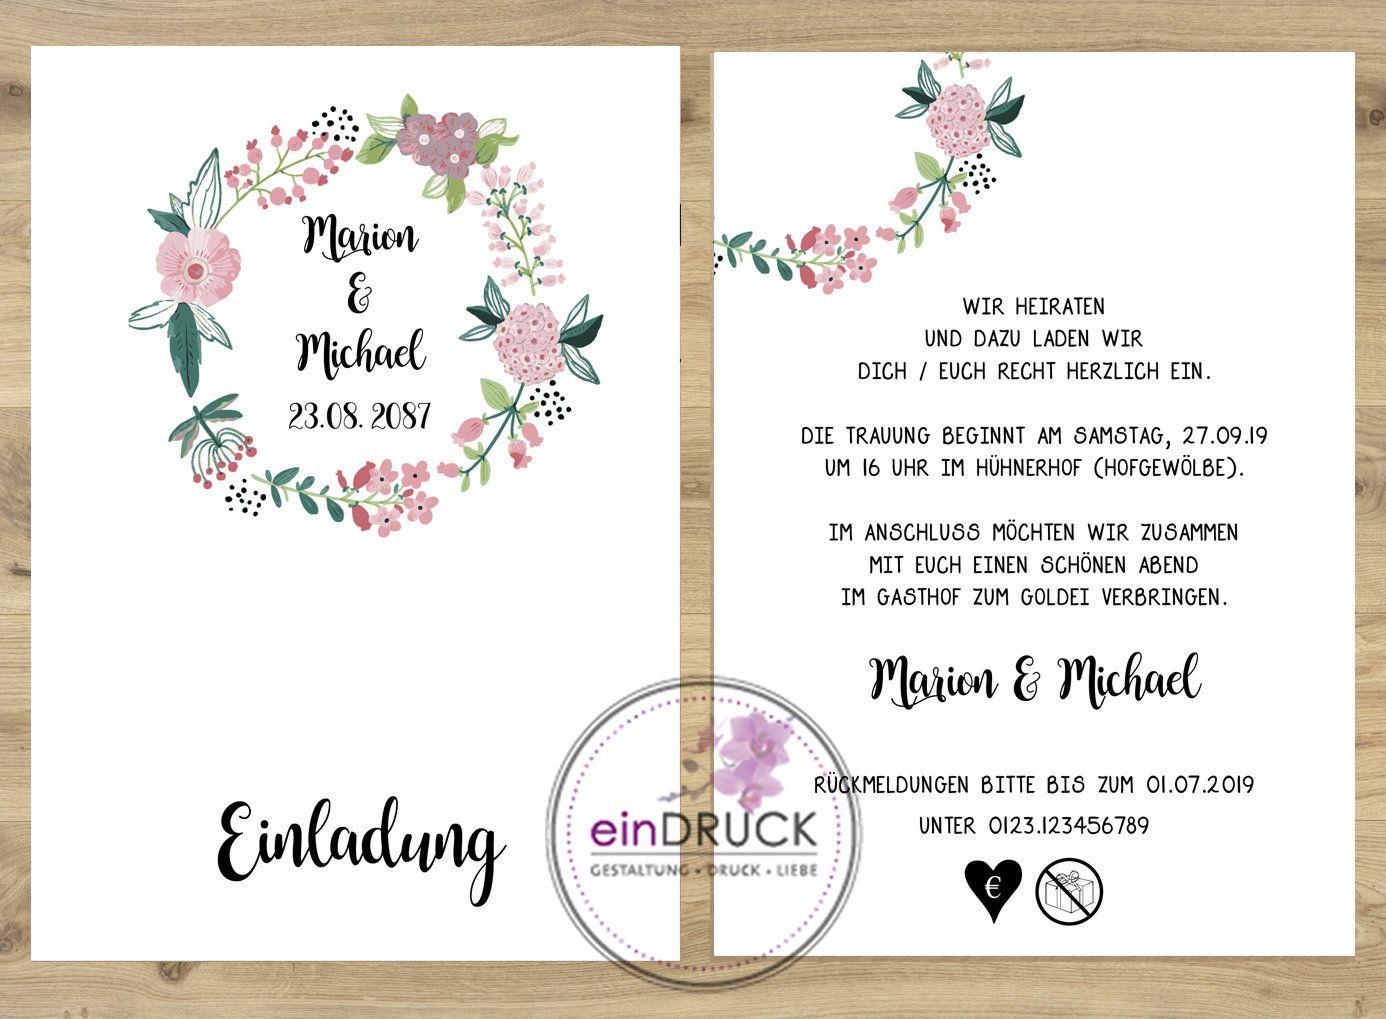 Hochzeitseinladung Einadungen Zur Hochzeit Blutenkranz Etsy Hochzeitseinladung Einladungen Karte Hochzeit